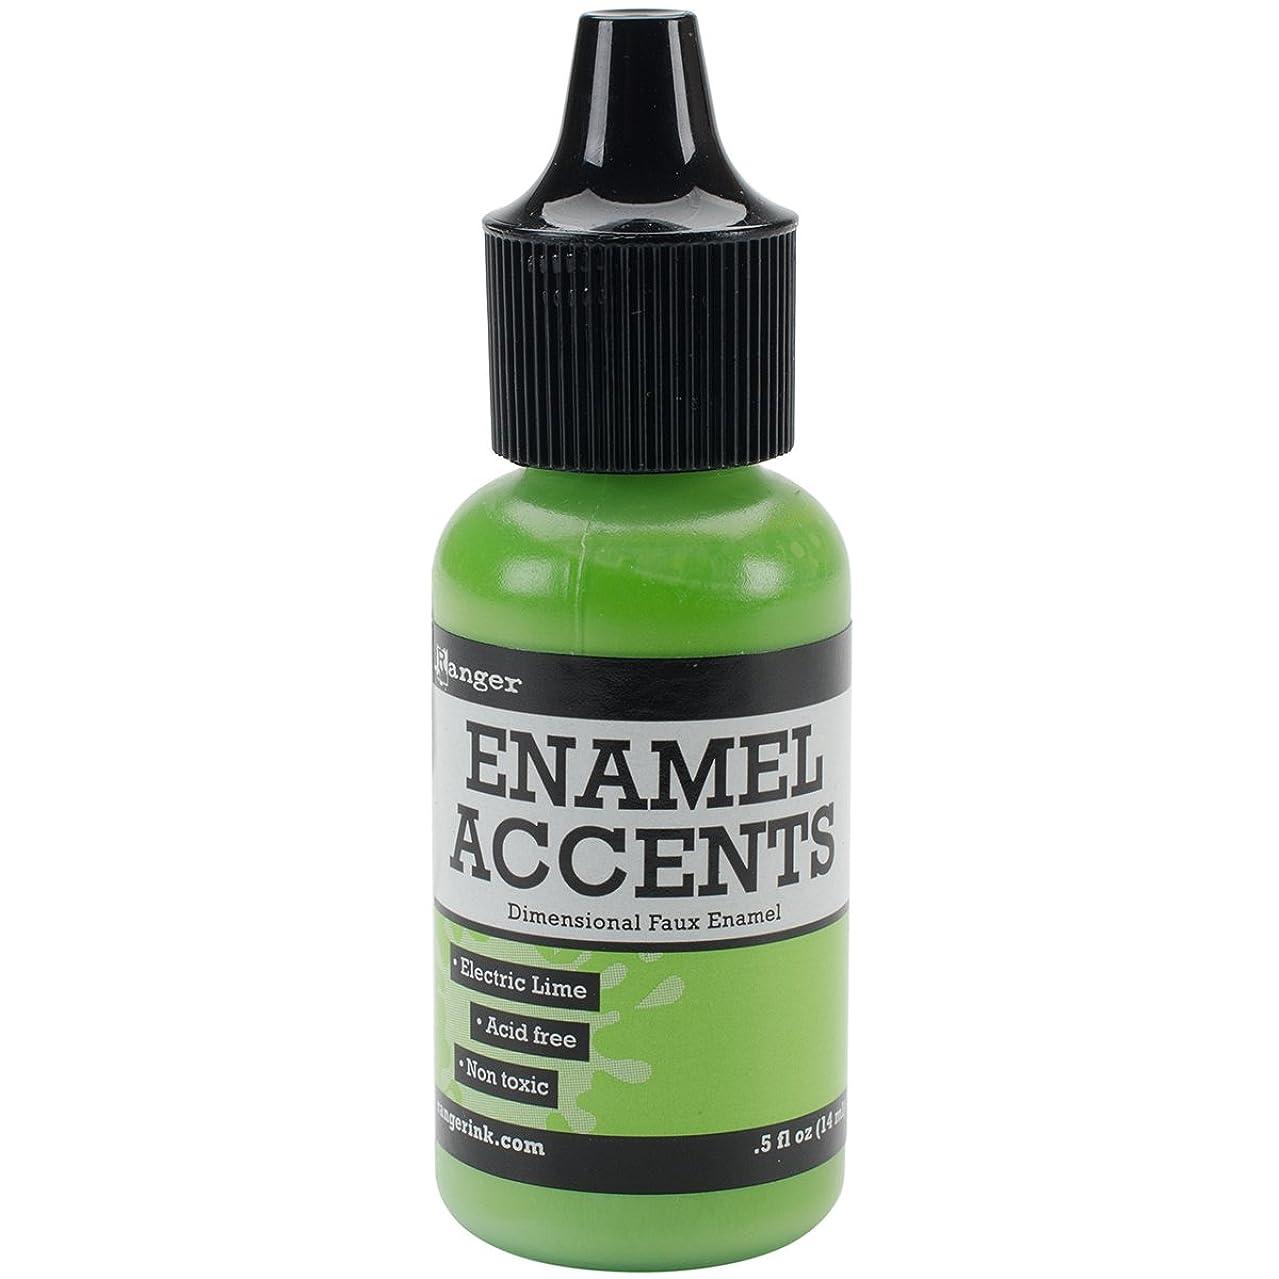 Ranger GAC48909 Enamel Accents .5oz-Electric Lime,